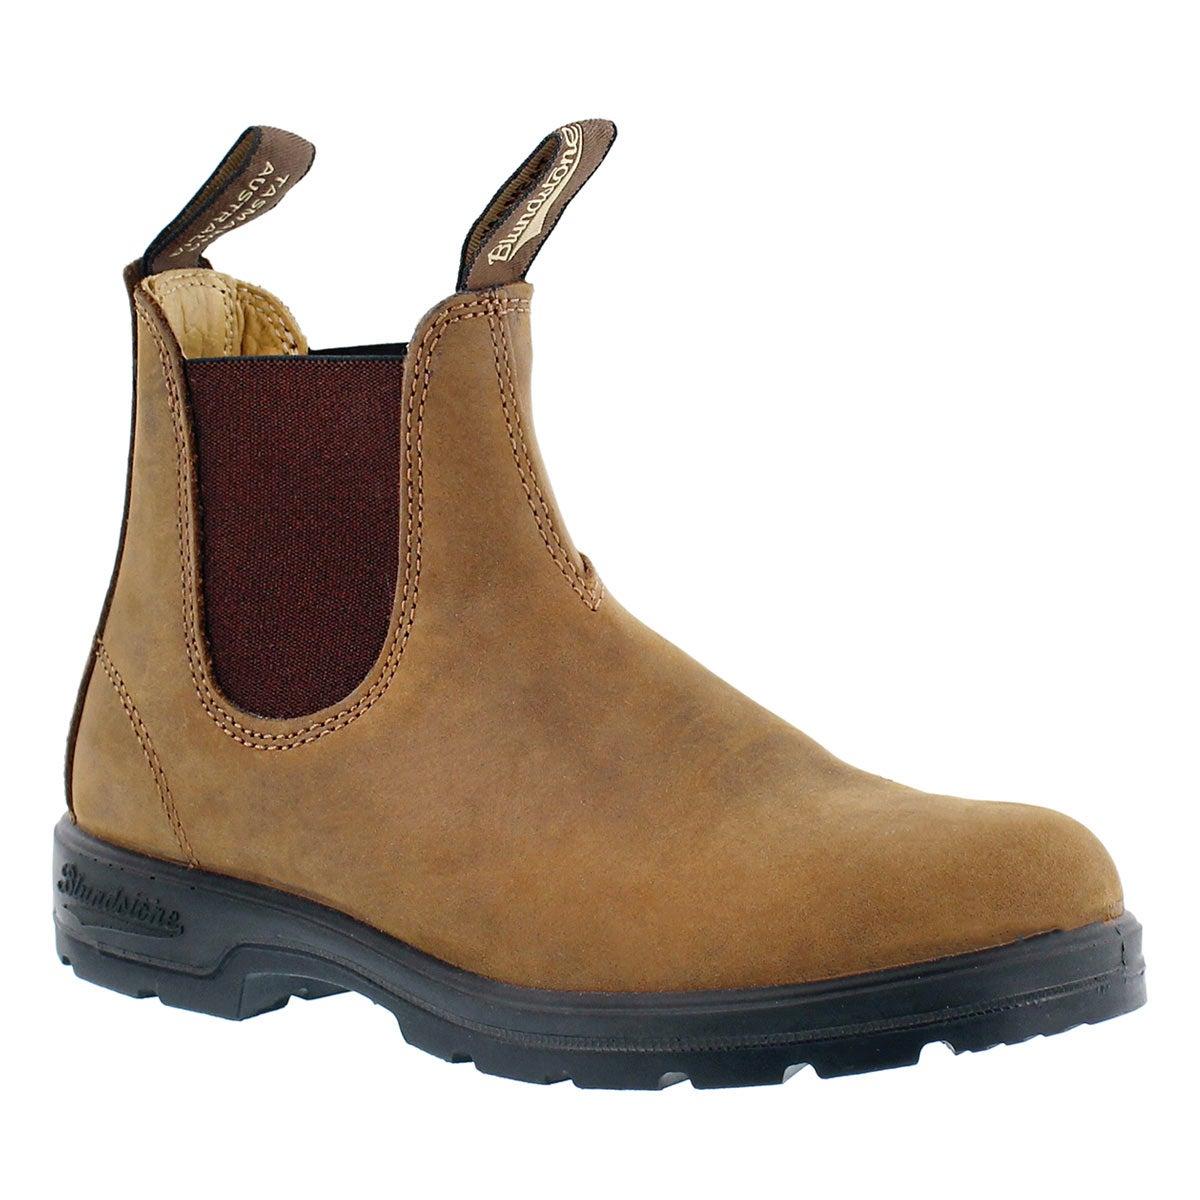 Popular Blundstone Women Black Ankle Boots  Women  Sportlife Shop Online